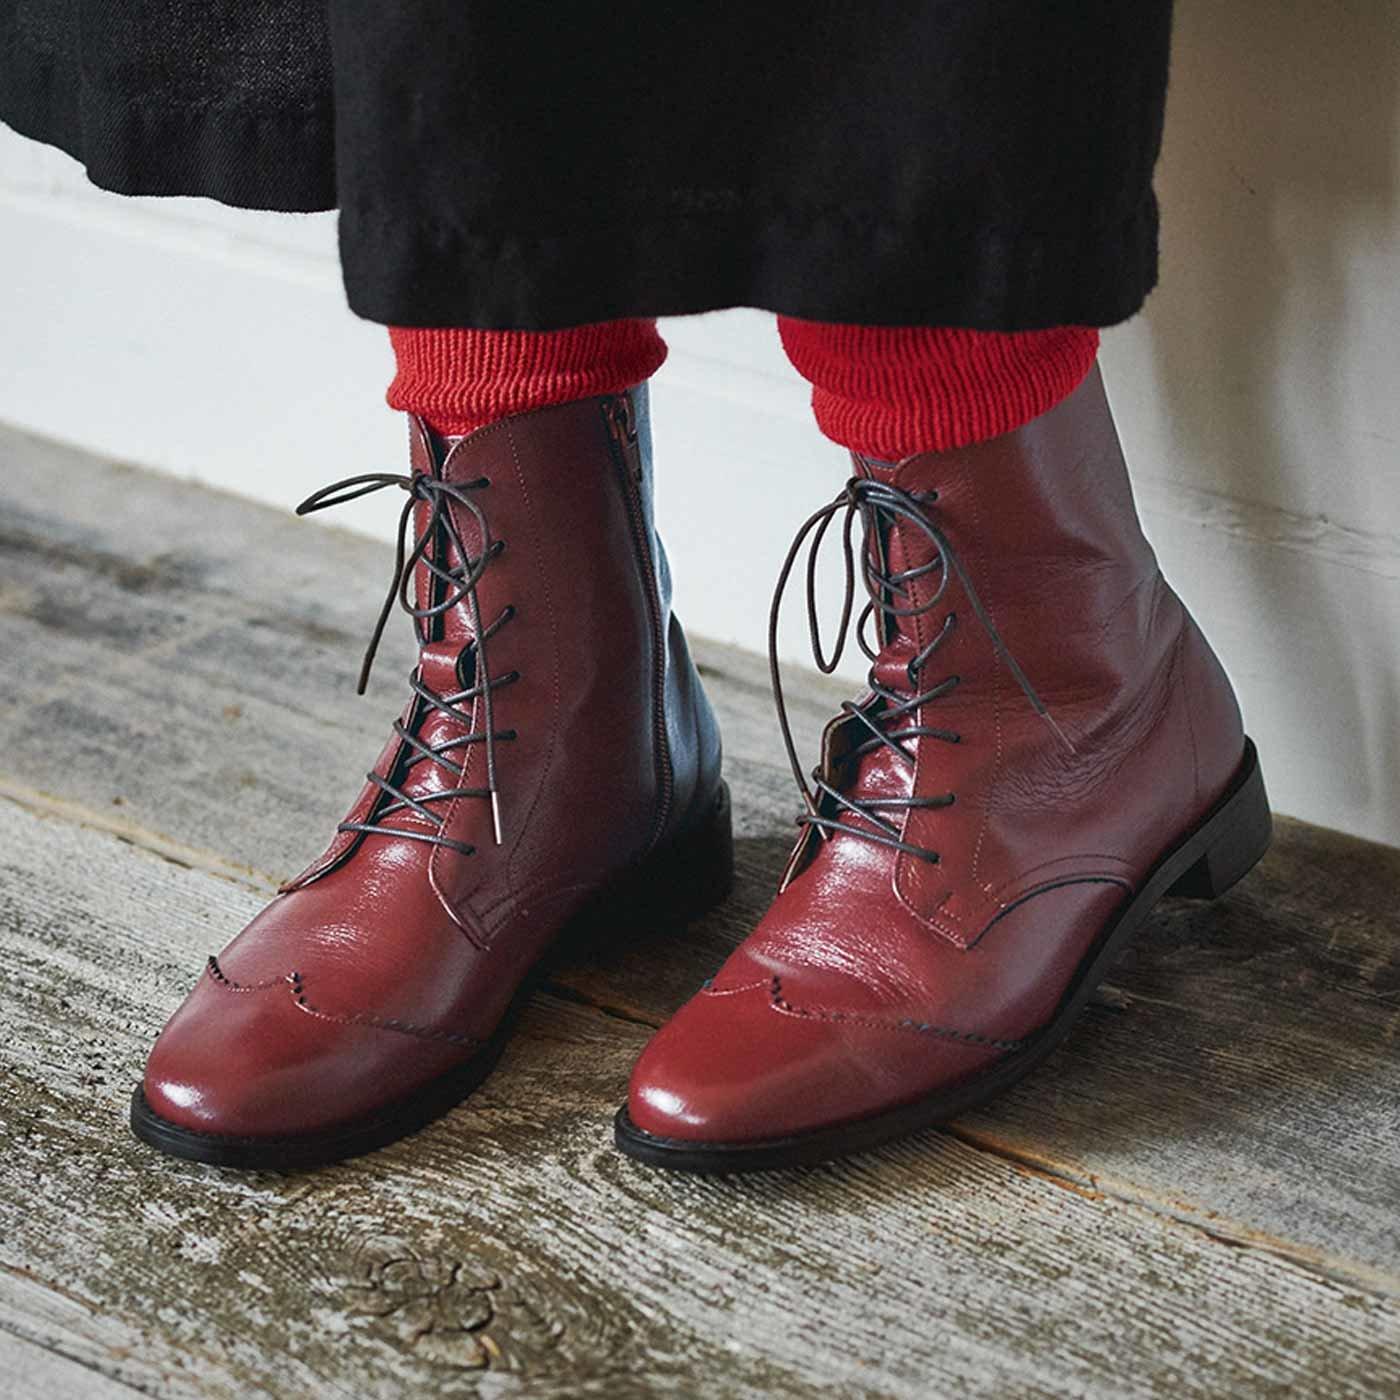 長田靴職人の本革仕立て 見惚(みと)れる アンティロープブーツ〈レッドブラウン〉[本革 ブーツ:日本製]